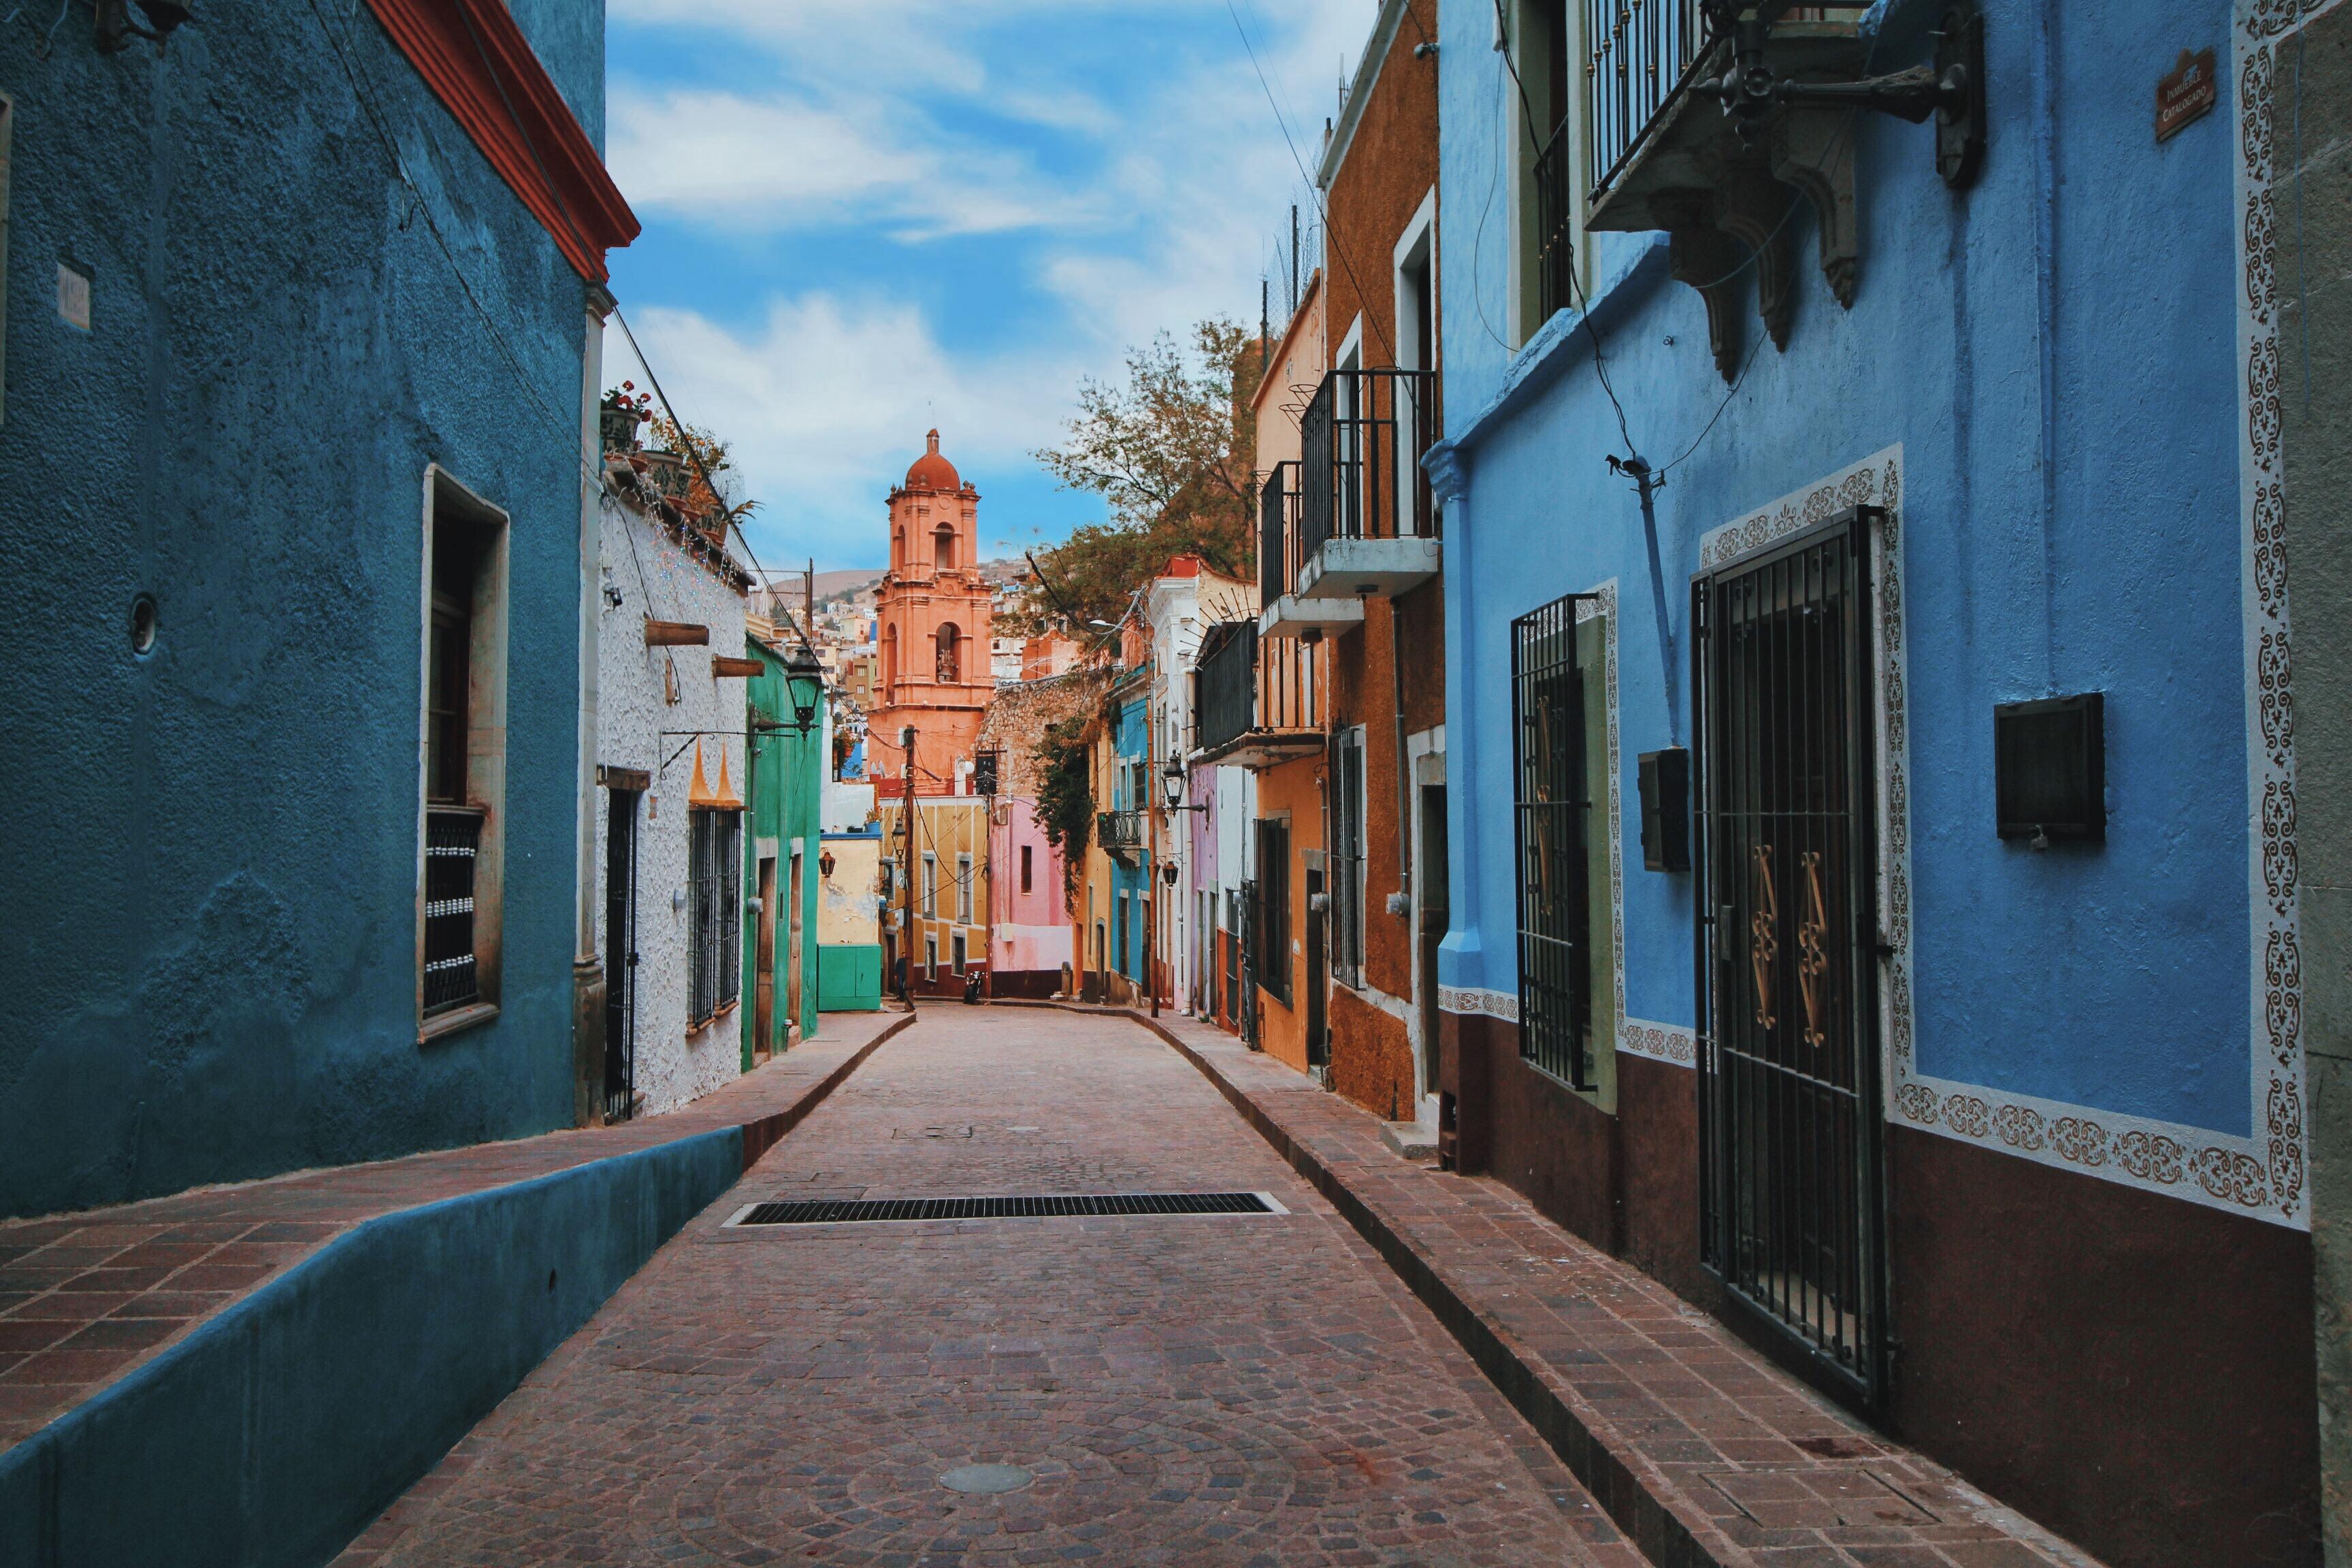 Lugares secretos de Guanajuato capital que no están en las guías turísticas 😉 🙌🏻